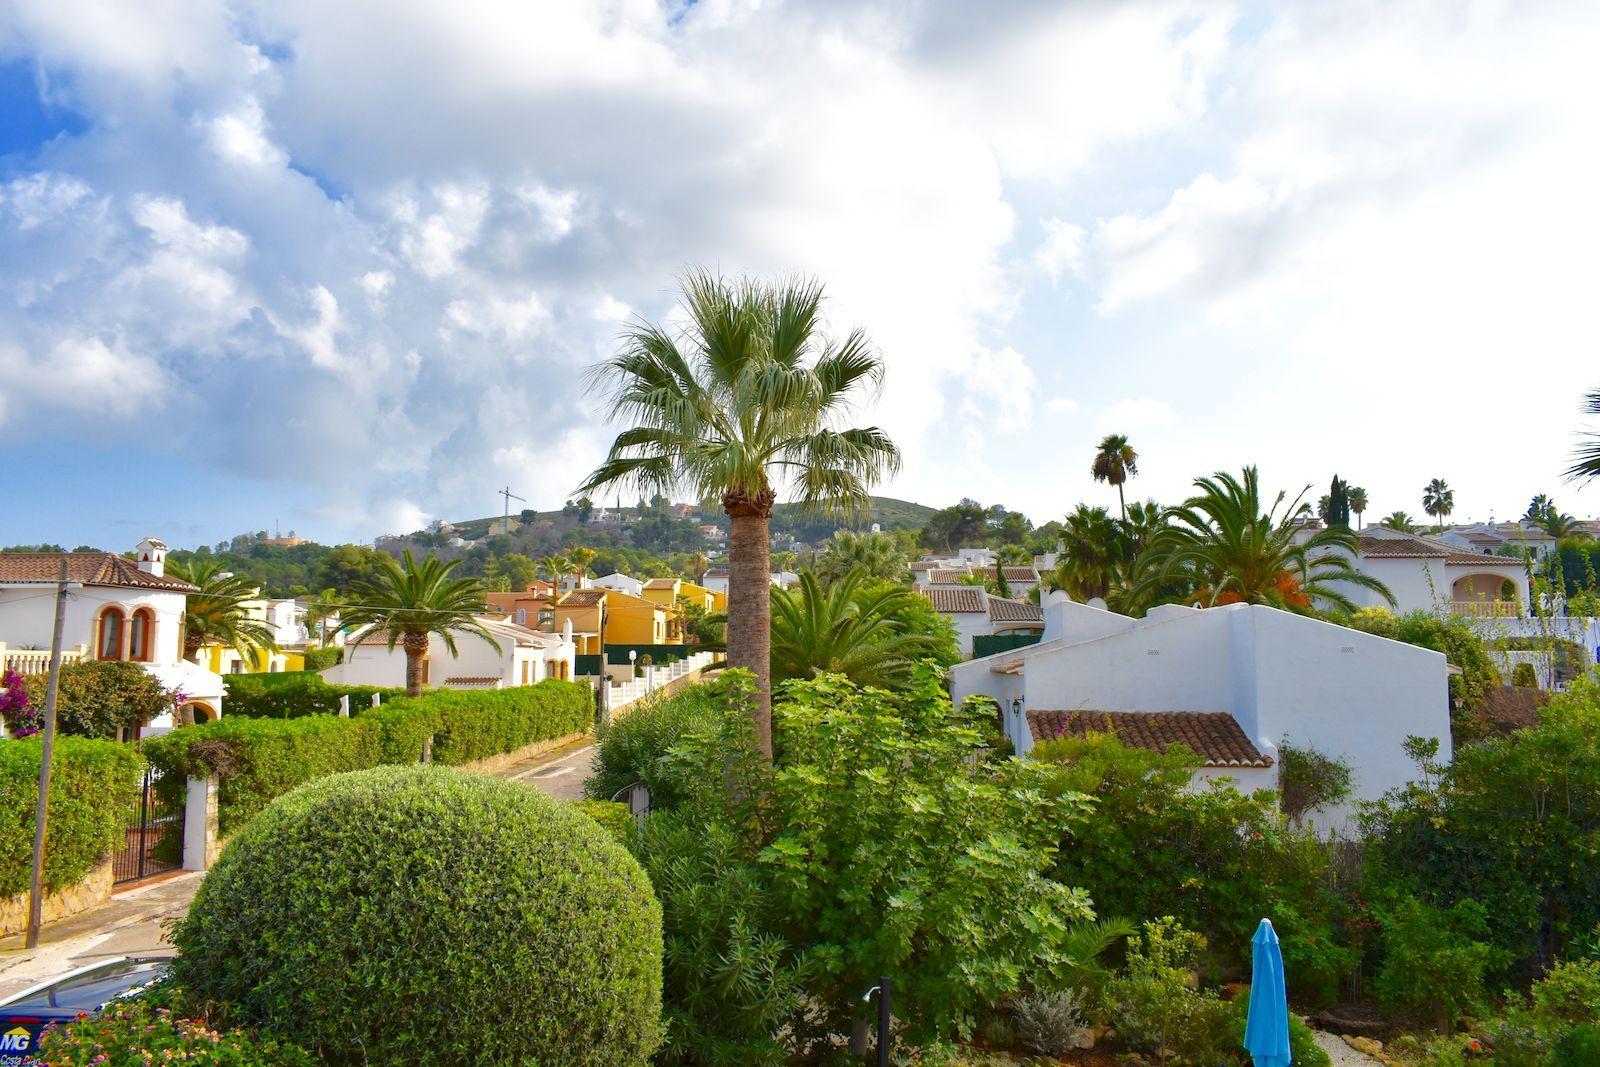 Exclusiva y moderna villa a la venta en Pinosol - Javea - Costa Blanca